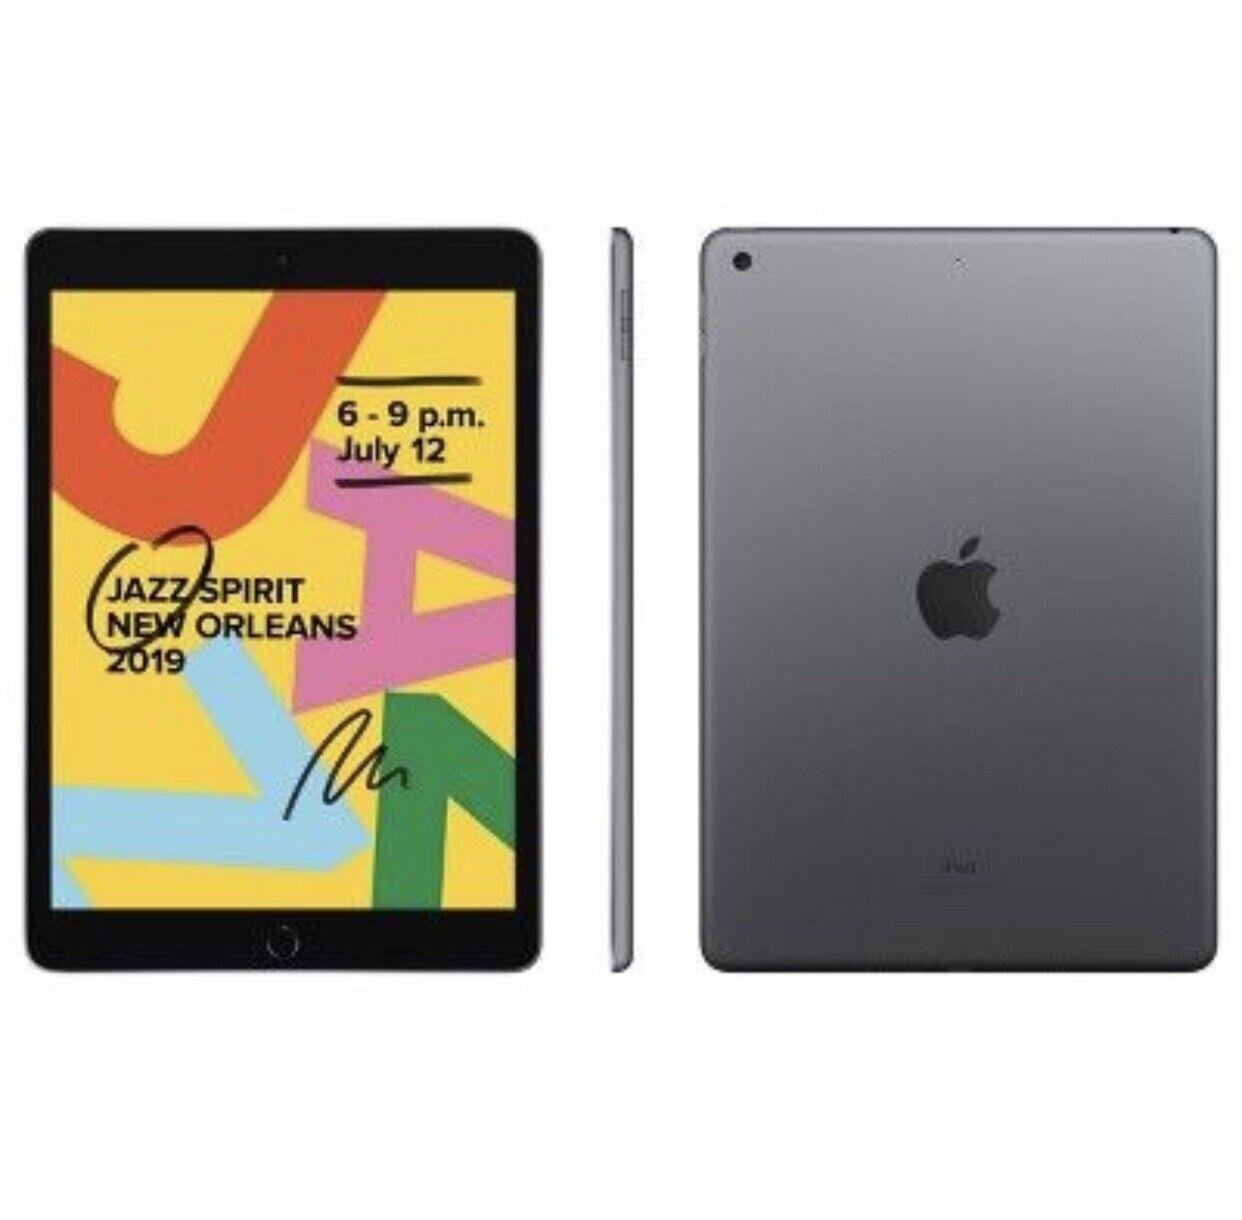 Apple Ipad 7th Gen 128gb Wi Fi 10 2 In Space Gray For Sale Online Ebay